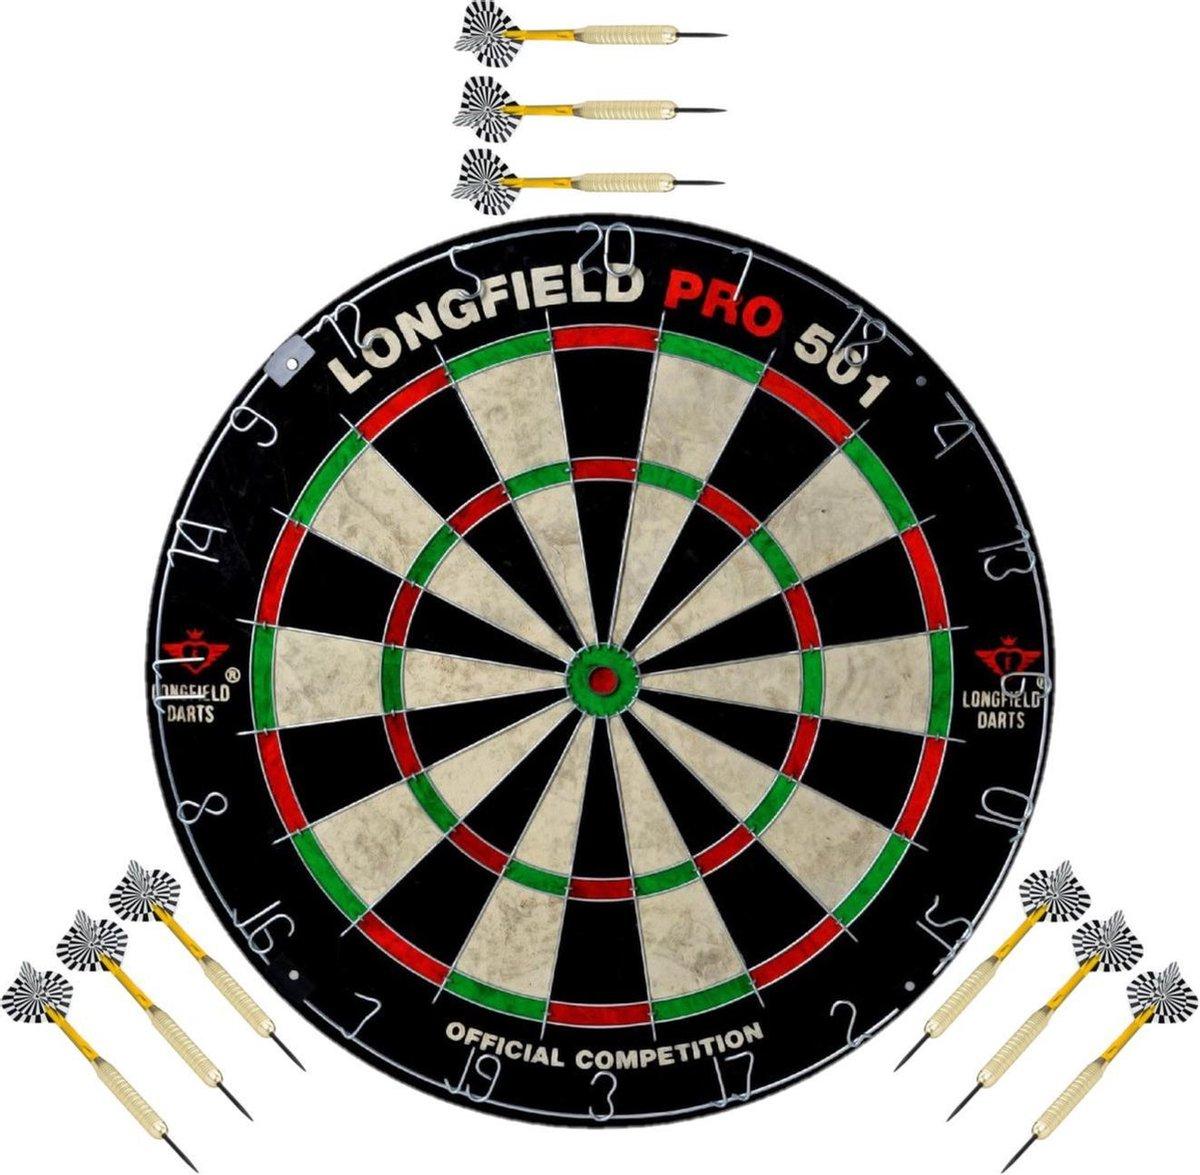 Dartbord set compleet van diameter 45.5 cm met 9x dartpijlen van 24 gram - Longfield professional - Darten